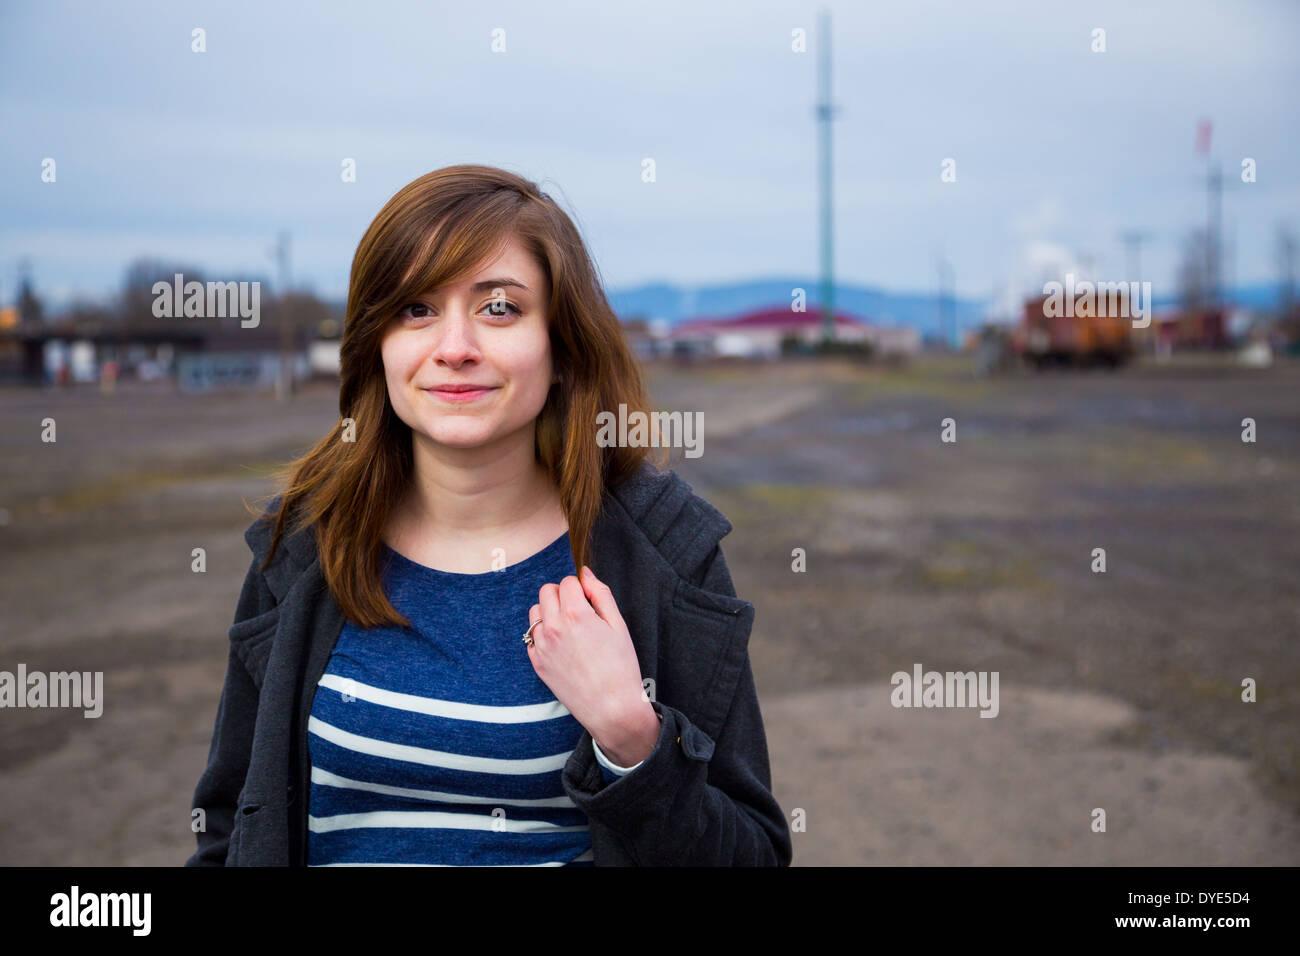 Moderne, trendige, hipster Girl in einem verlassenen Bahnhof Hof bei Dämmerung in diesem Mode Stil portrait. Stockbild